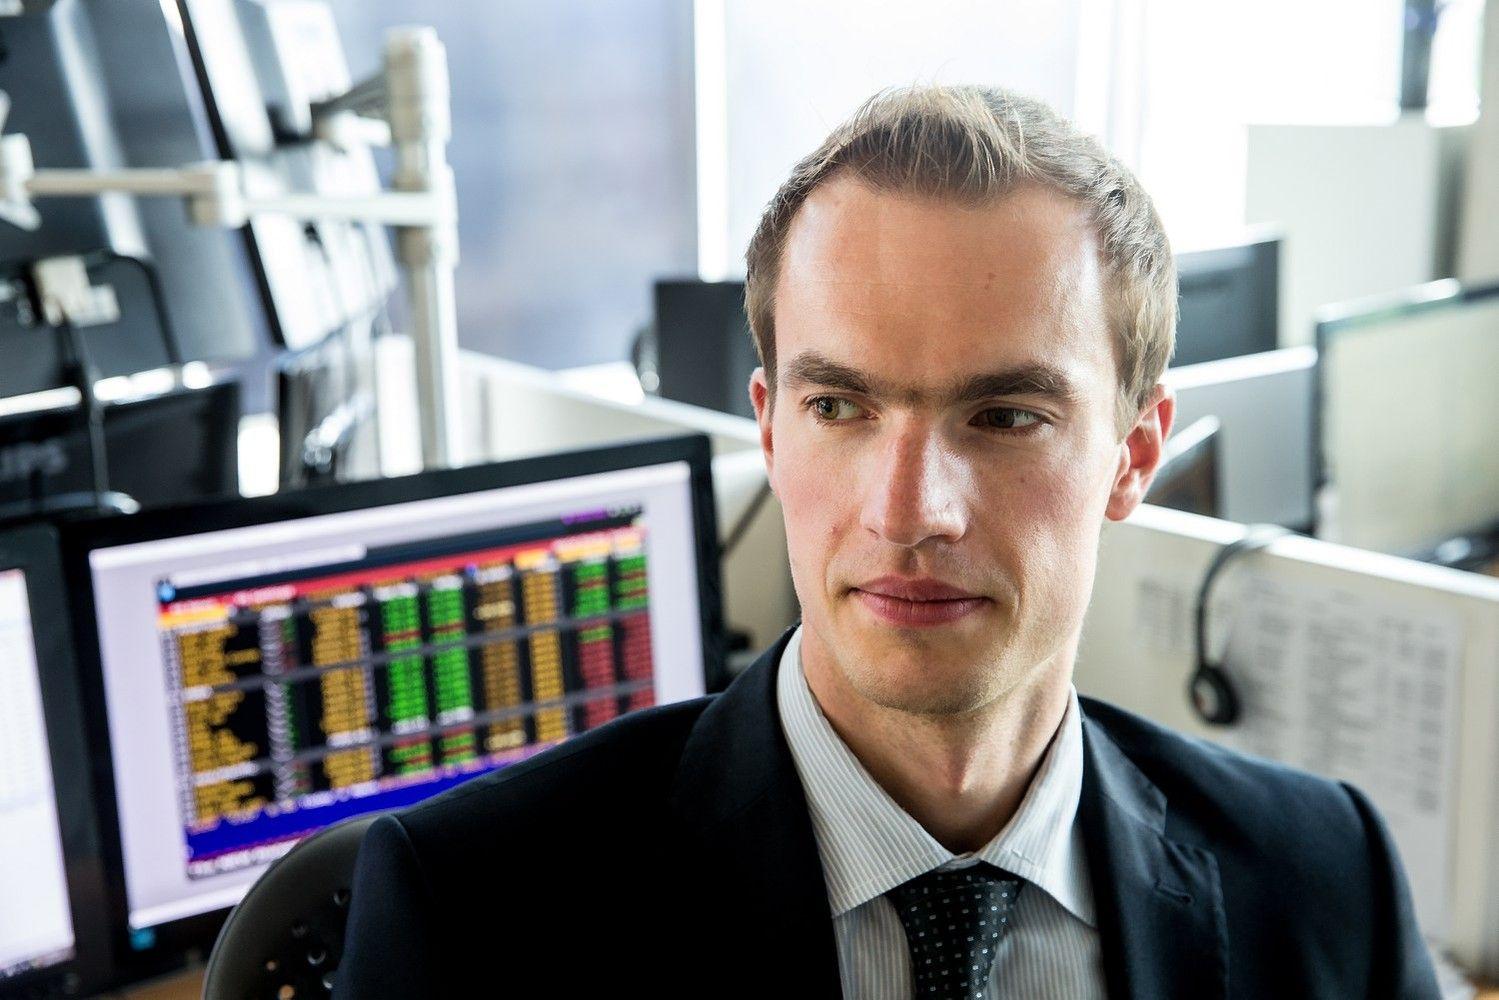 Investuotojai ieško perliukų, moka nesiderėdami